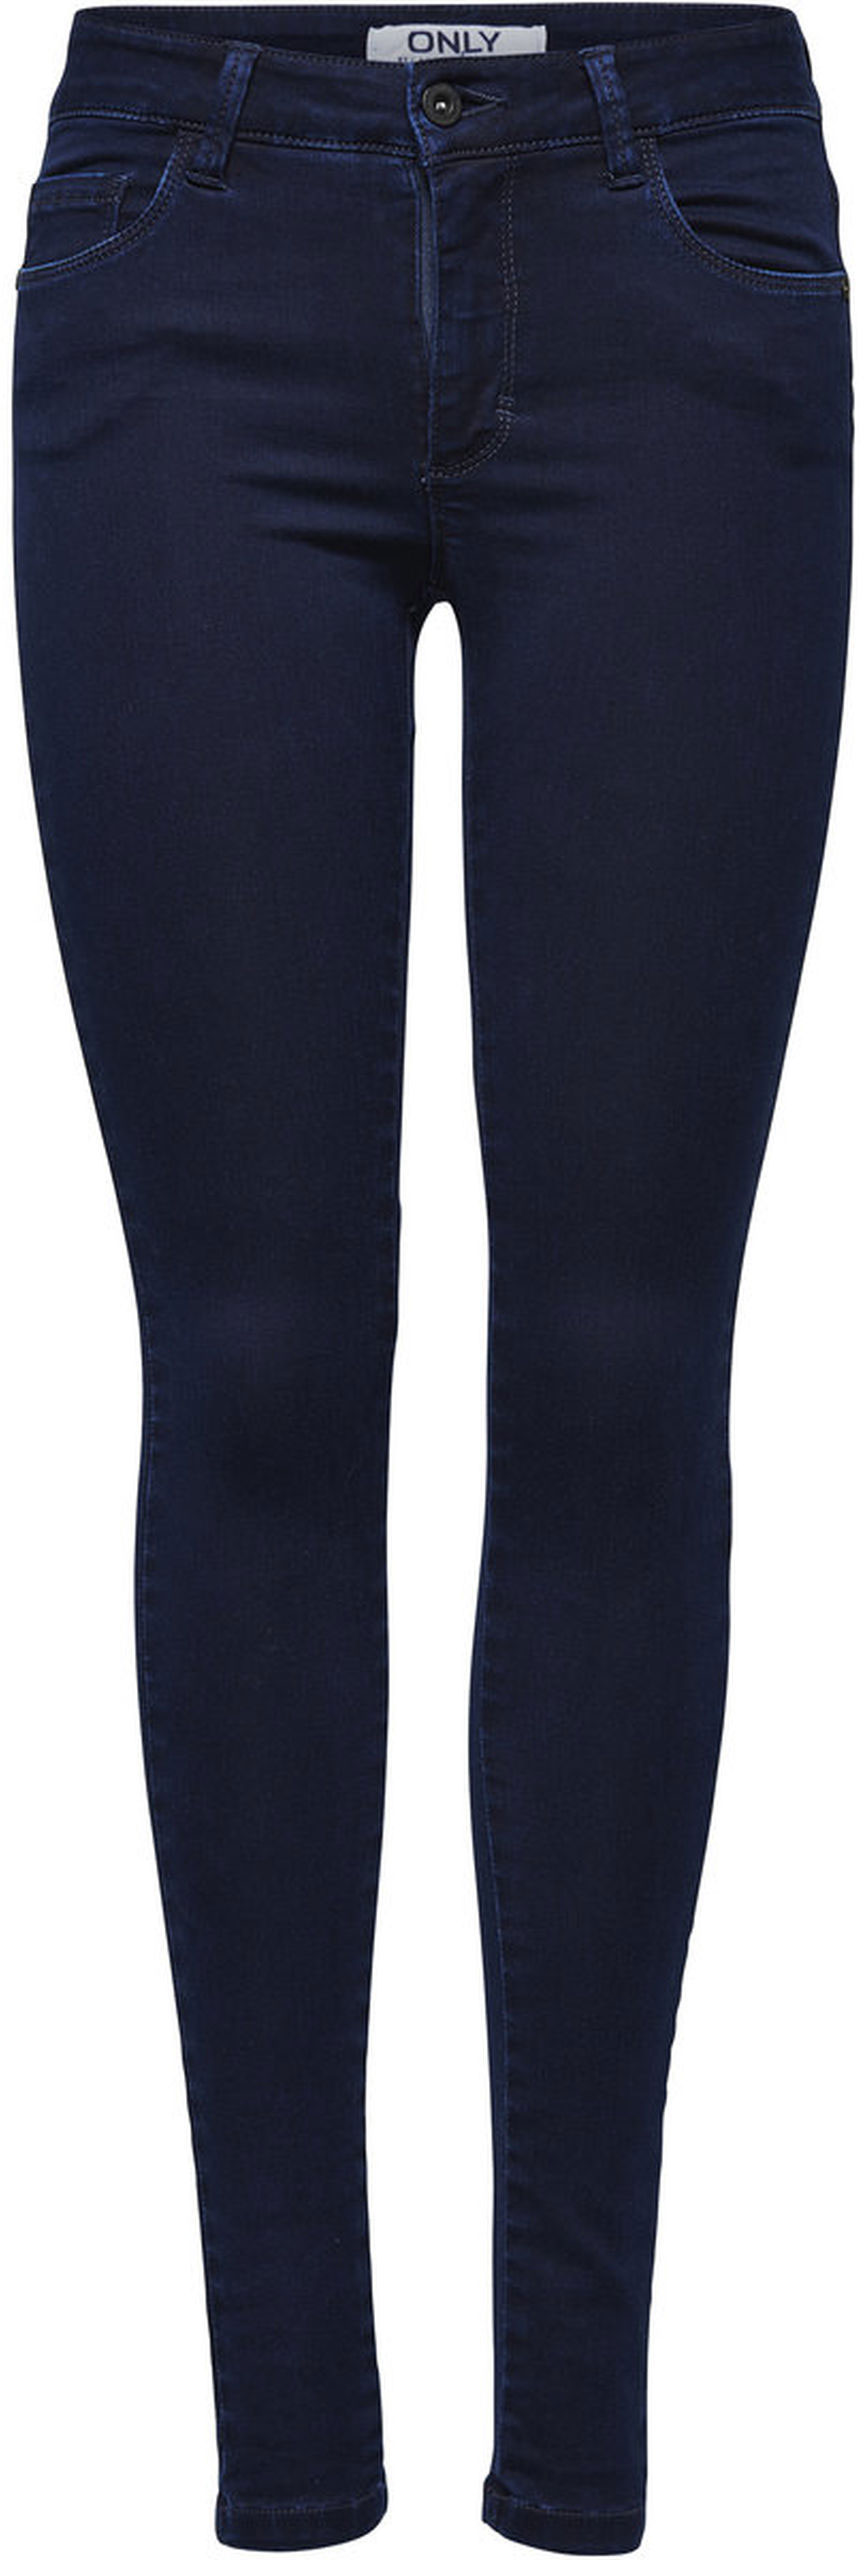 Джинсы женские Only, цвет: темно-синий. 15092651_Dark Blue Denim. Размер M-34 (46-34)15092651_Dark Blue DenimСтильные женские джинсы Only выполнены из хлопка с добавлением полиэстера и эластана. Материал мягкий и приятный на ощупь, не сковывает движения и дарит комфорт. Джинсы-скинни с заниженной посадкой застегиваются на пуговицу в поясе и ширинку на застежке-молнии. На поясе предусмотрены шлевки для ремня. Спереди модель дополнена двумя втачными карманами и одним накладным кармашком, сзади - двумя накладными карманами. Модель оформлена контрастной прострочкой.